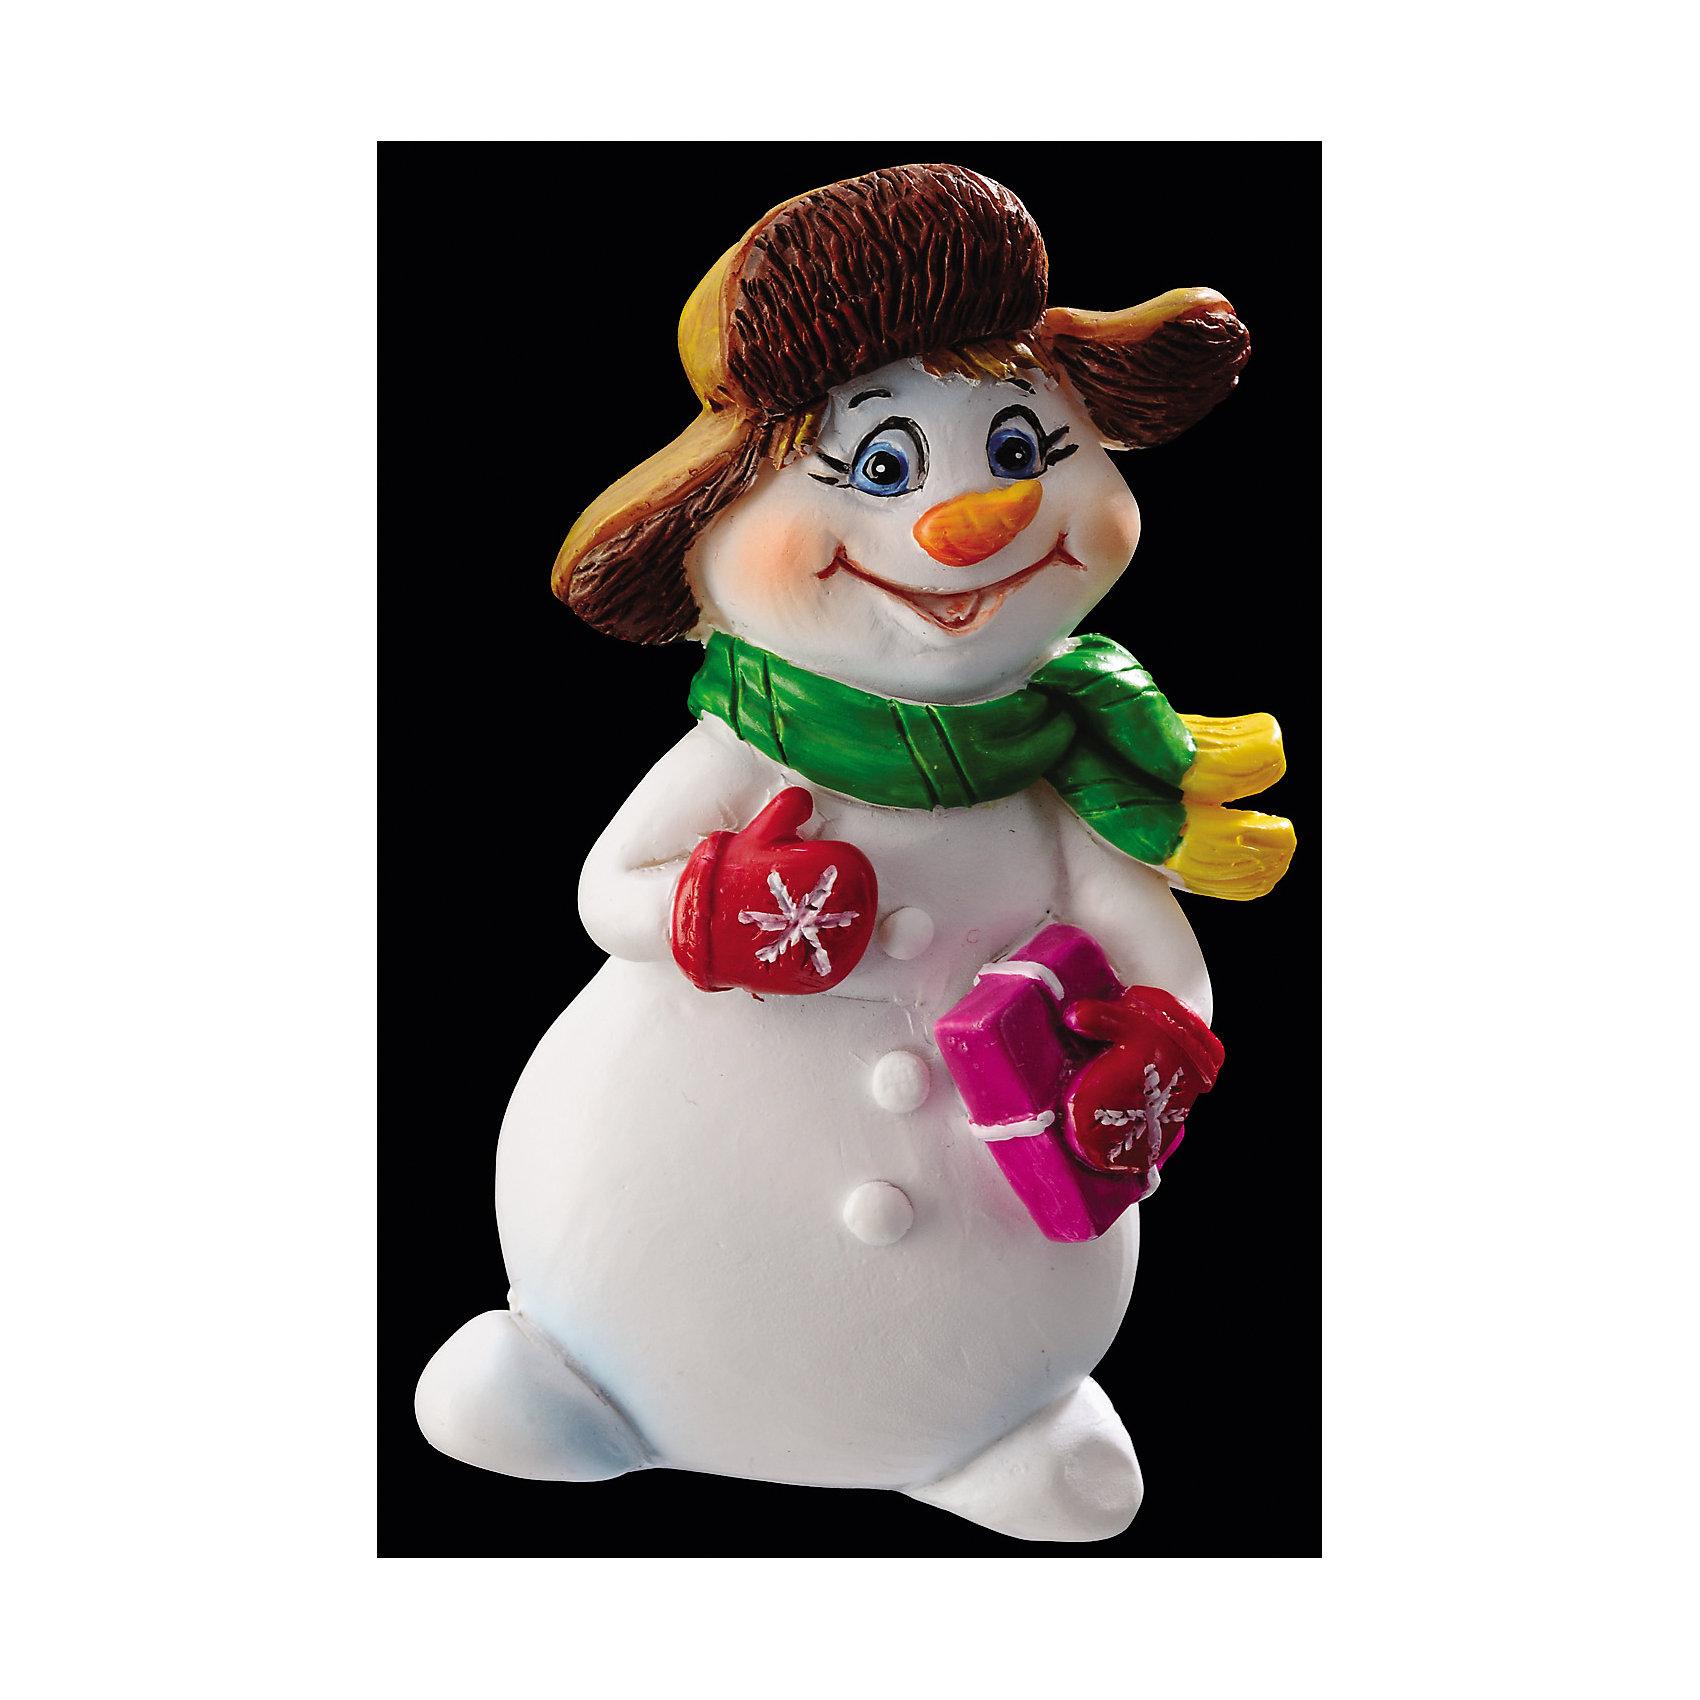 Сувенир «СНЕГОВИК» на магните 7смХарактеристики товара:<br><br>- материал: полимер;<br>- размер: 7 см;<br>- на магните;<br>- назначение: сувенир.<br><br>Каждый праздник имеет свои традиции, без которых он будет неполным. Вручение подарков и сувениров к Новому году - это уже часть праздника! Особую атмосферу поможет создать такой снеговик - символ Нового года.<br>Изделие произведено из материалов, безопасных для детей. Оно также станет отличным сувениром для коллег, знакомых или родных.<br><br>Сувенир «СНЕГОВИК» на магните можно купить в нашем интернет-магазине.<br><br>Ширина мм: 40<br>Глубина мм: 20<br>Высота мм: 70<br>Вес г: 36<br>Возраст от месяцев: 48<br>Возраст до месяцев: 144<br>Пол: Унисекс<br>Возраст: Детский<br>SKU: 5033628